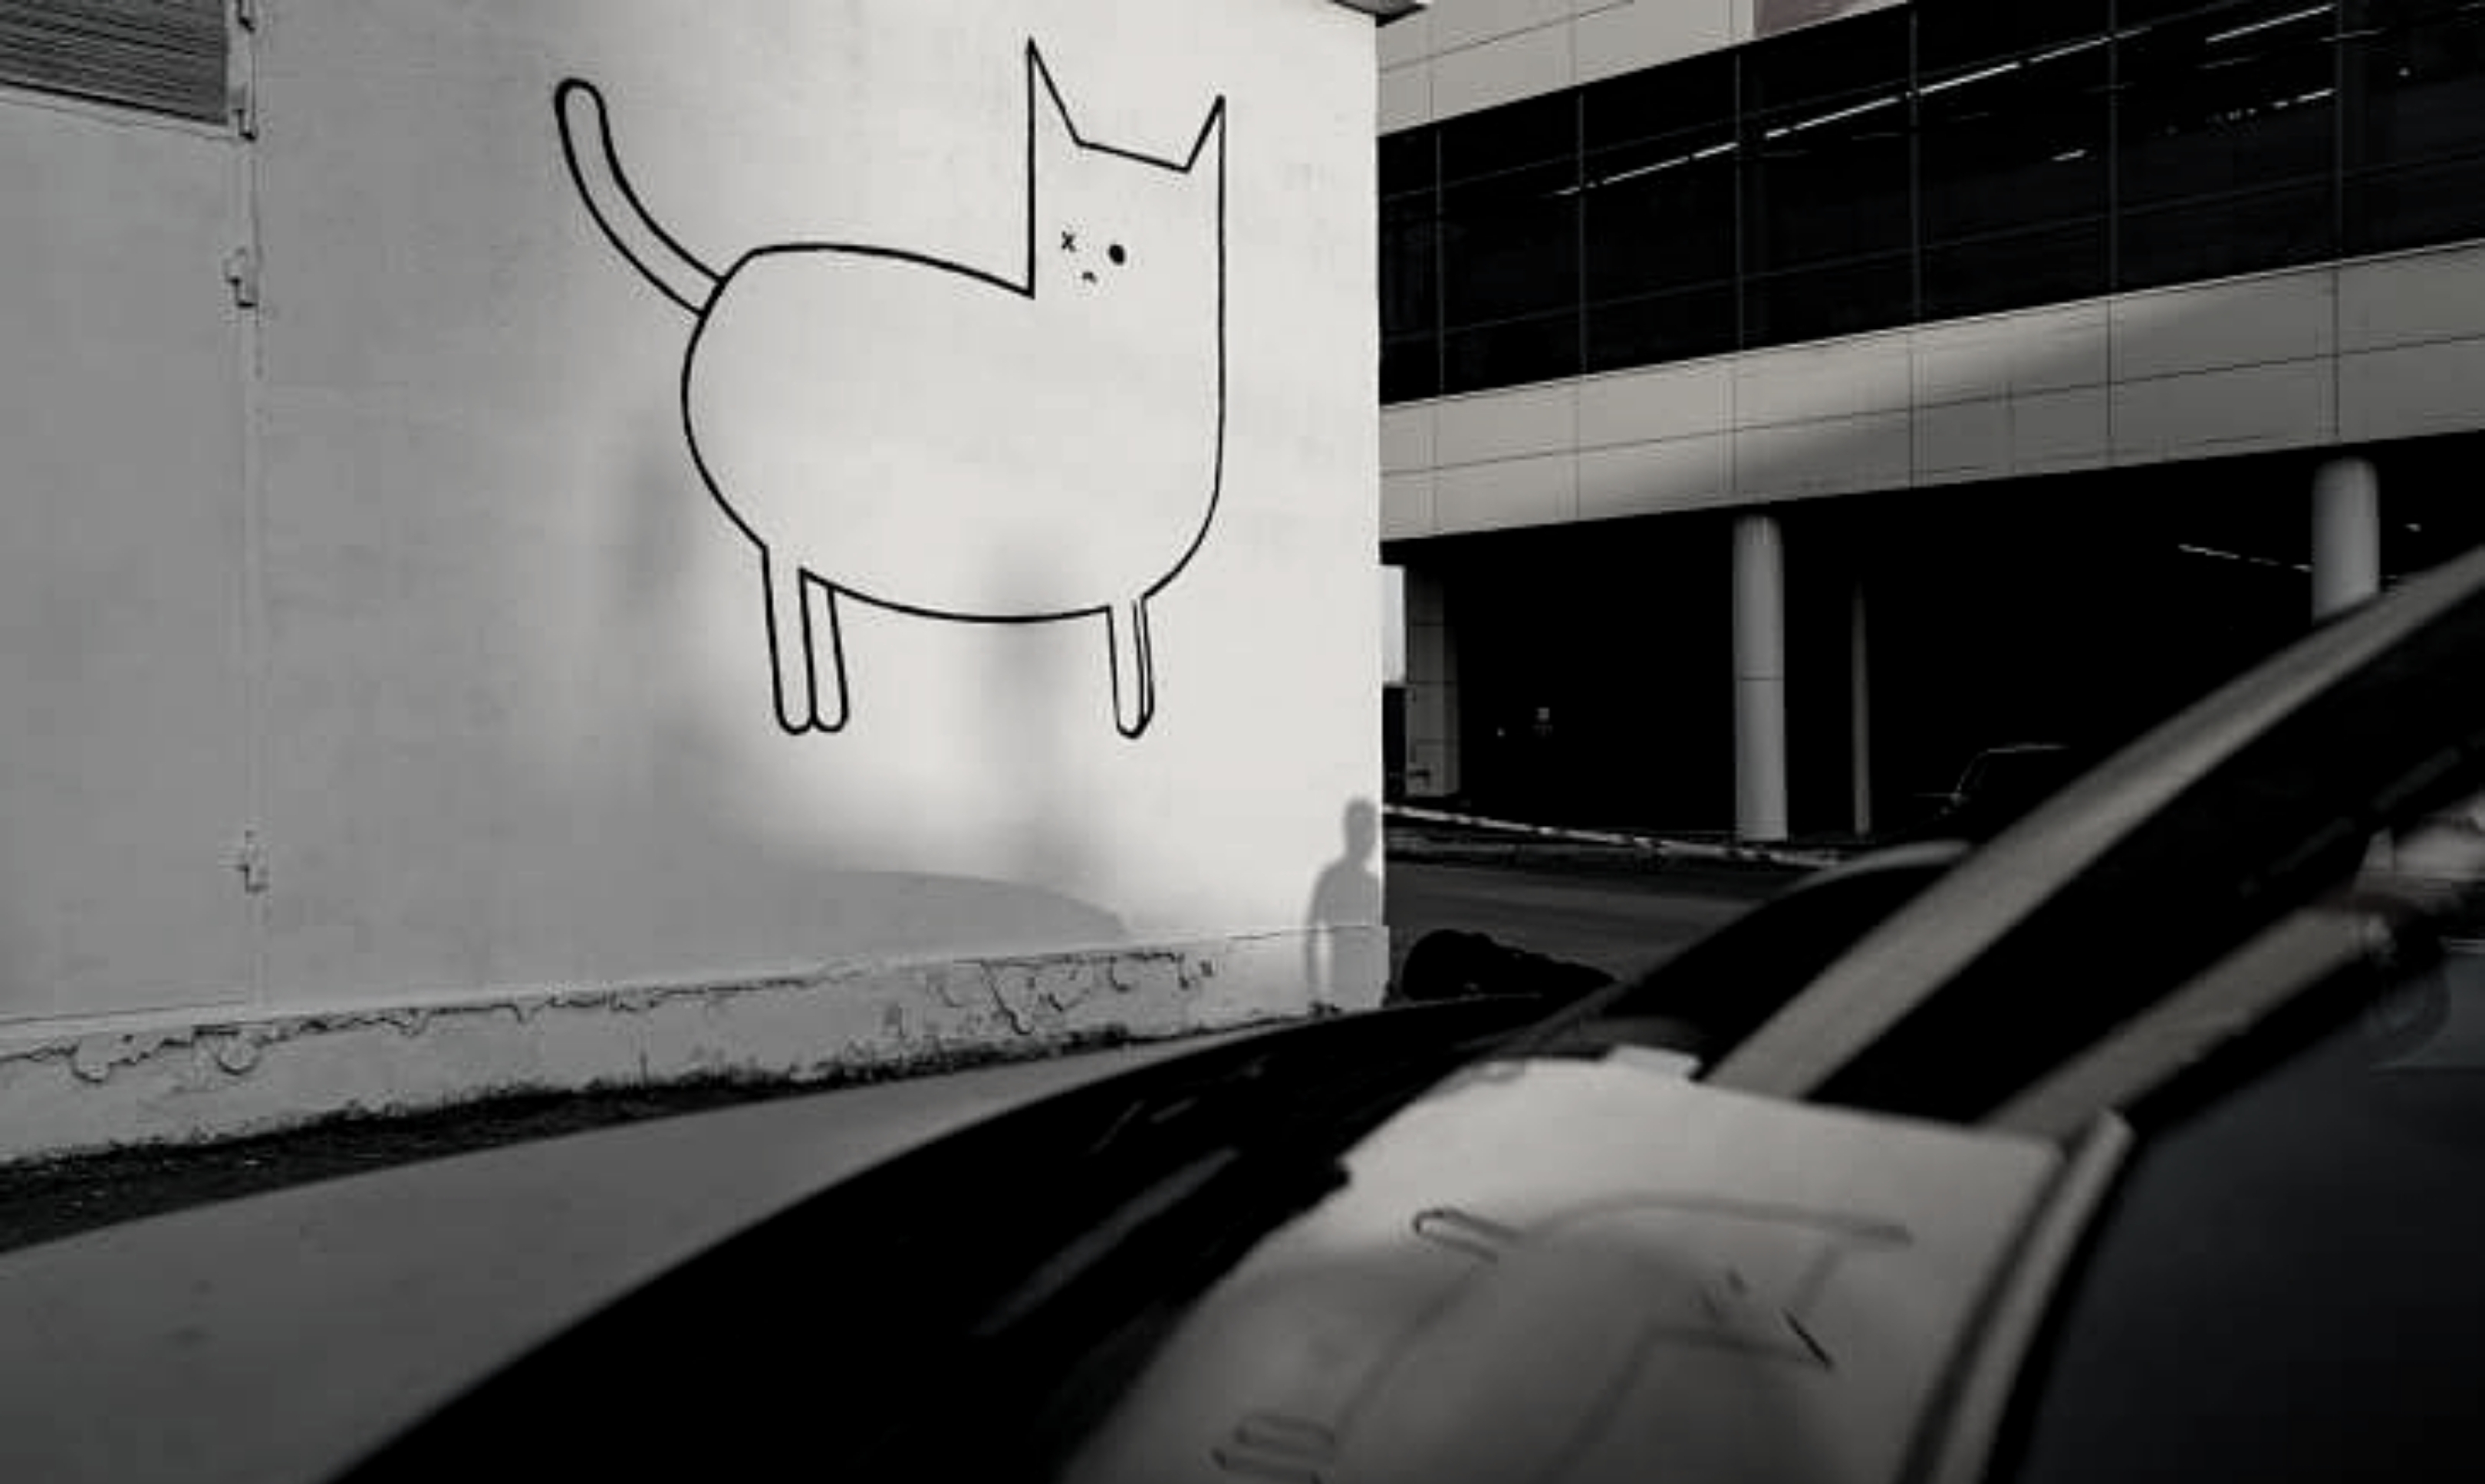 На улицах города появился арт-объект с котом в минималистичном стиле